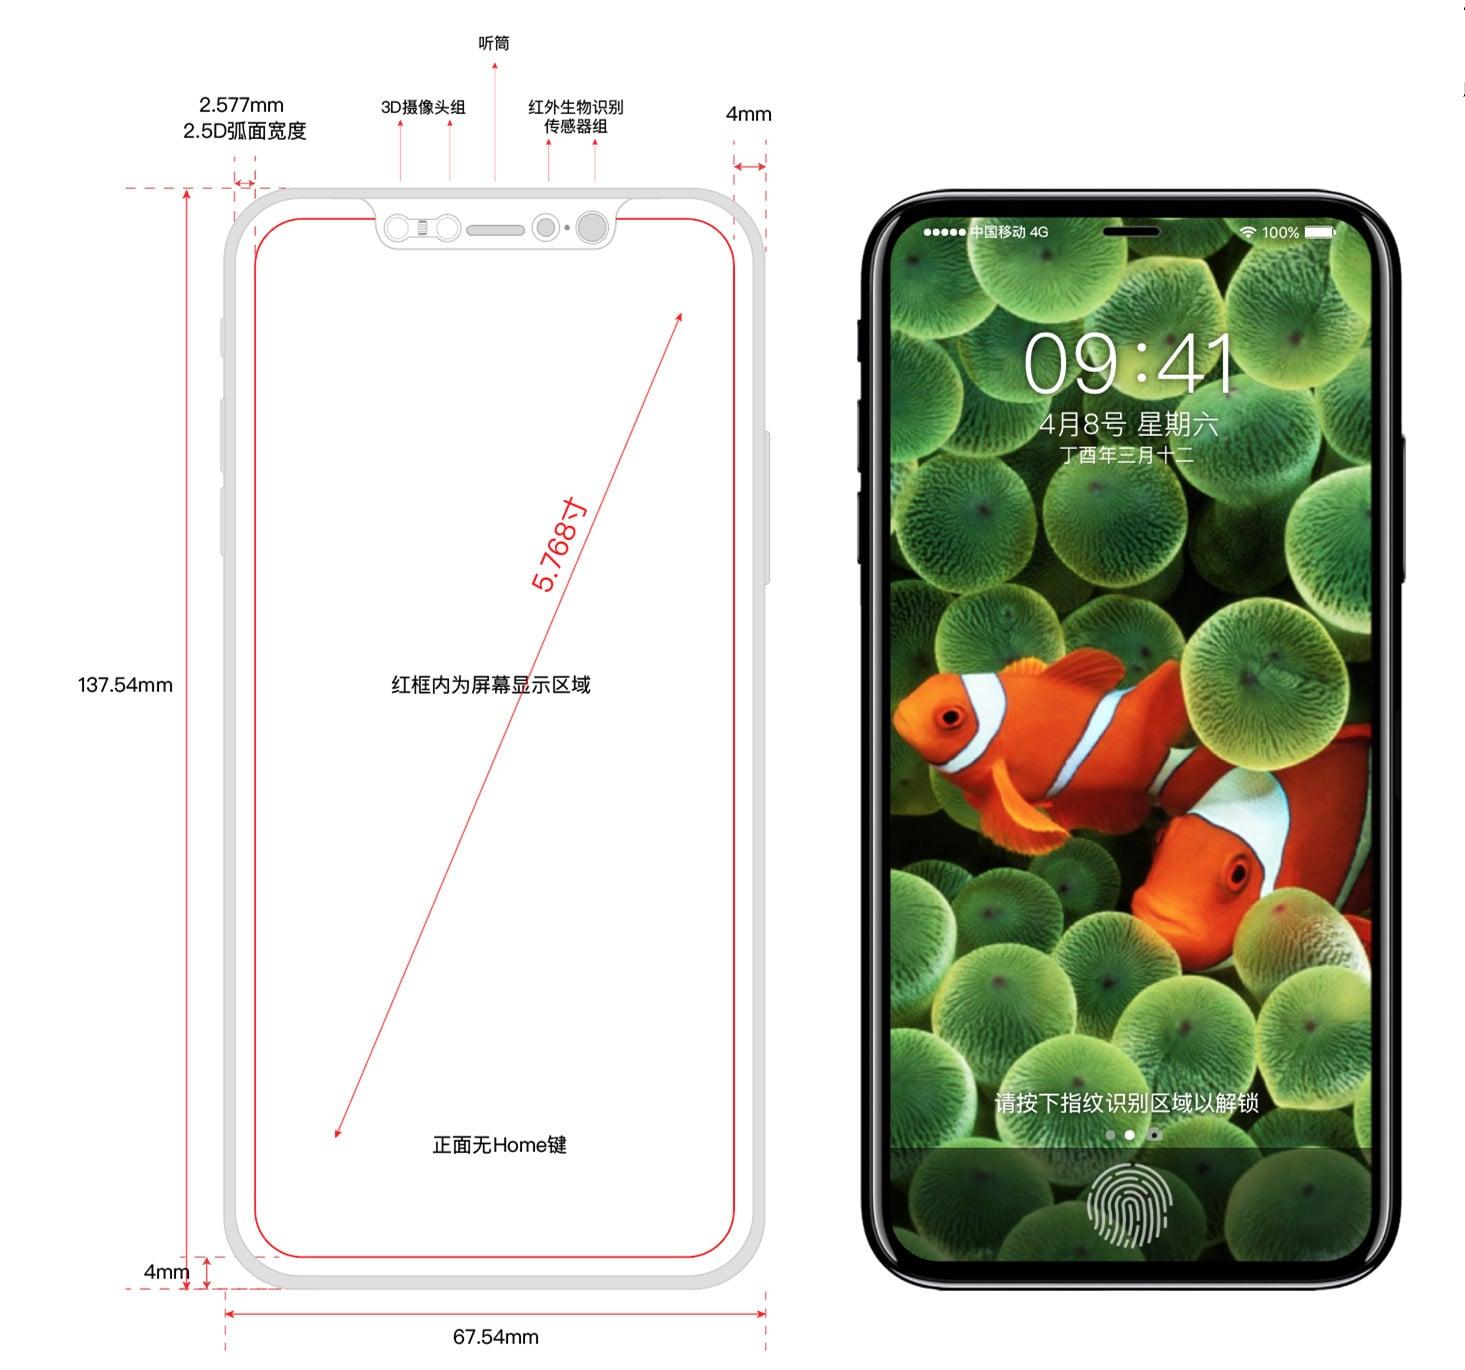 IPhone8 iPhoneX 04